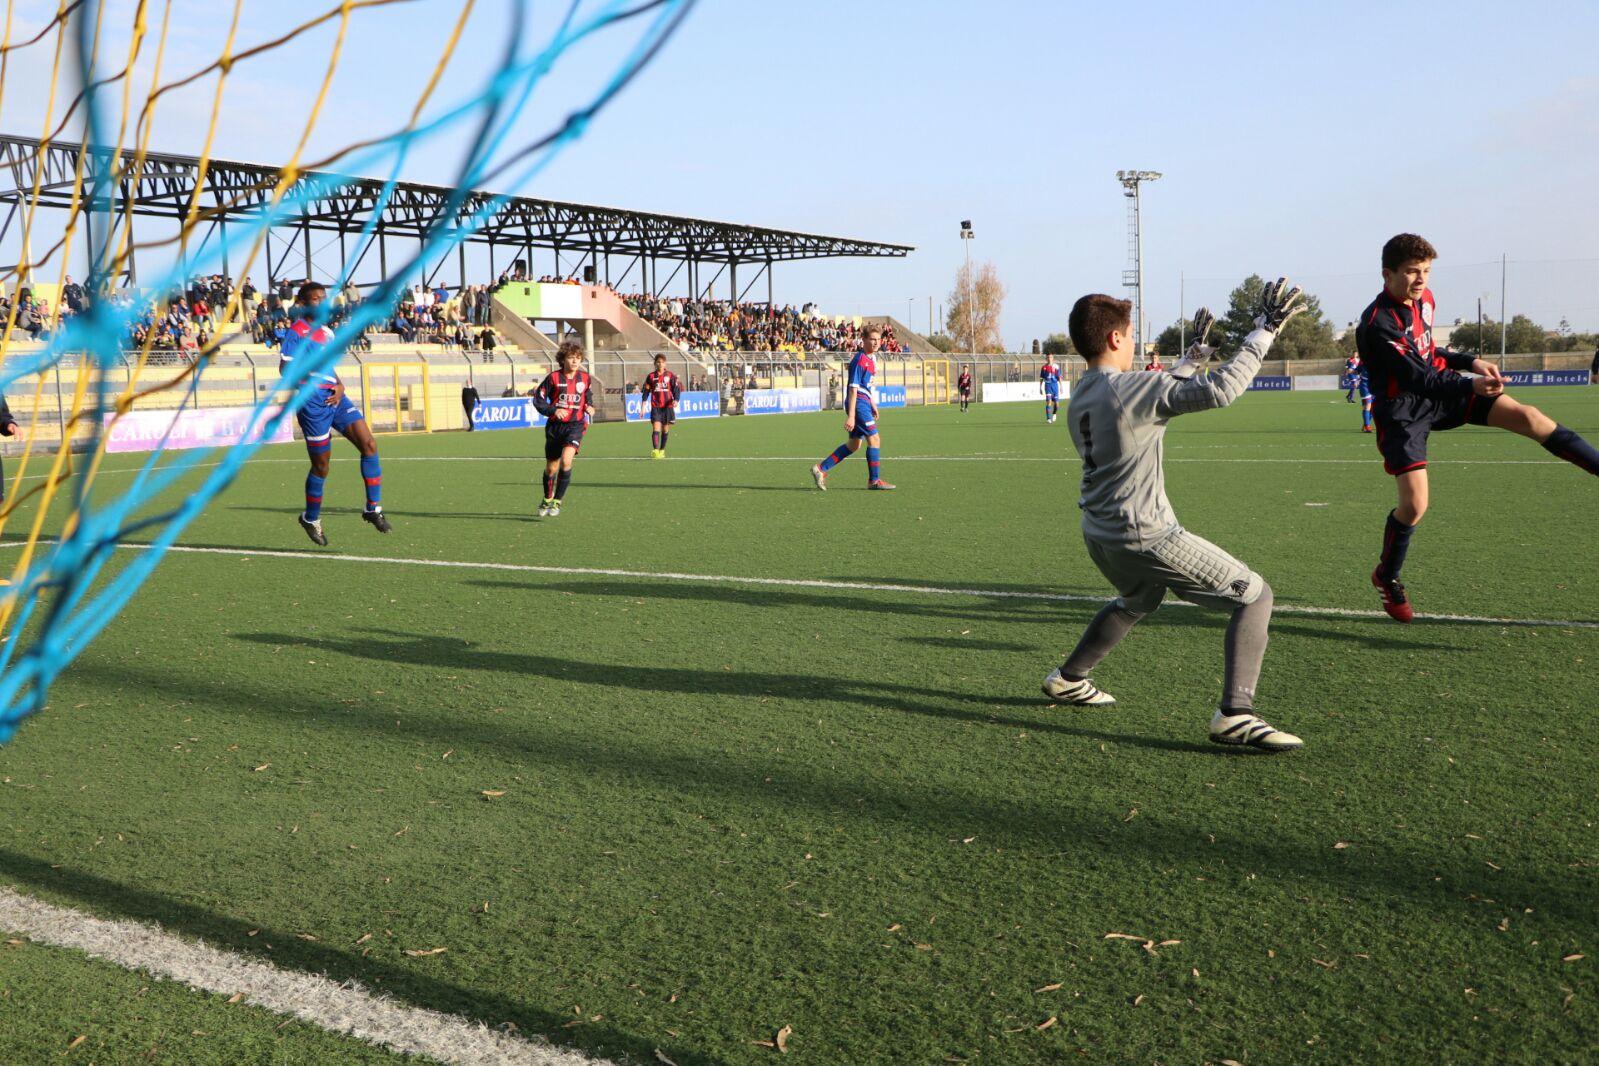 risultati-semifinali-tor-tre-teste-e-inter-in-finale-per-il-terzo-posto-nick-bari-e-roma